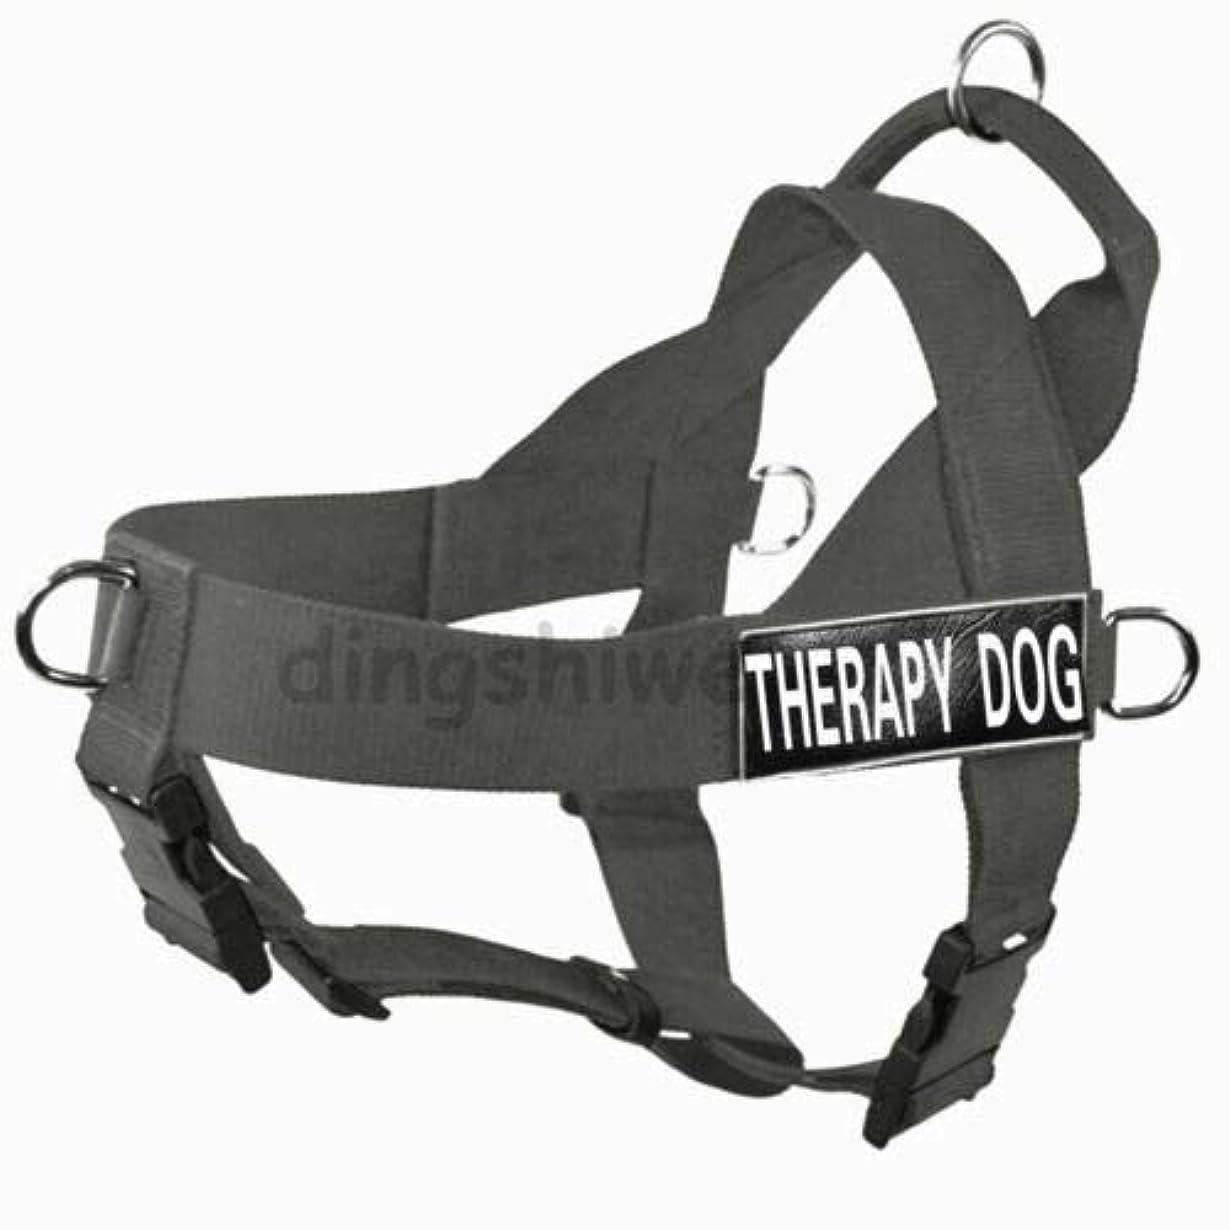 主張する有害面FidgetGear SERVICE DOG VEST/HARNESS Nylon With Removable label Patches for Large Dogs Grey L fit girth 29